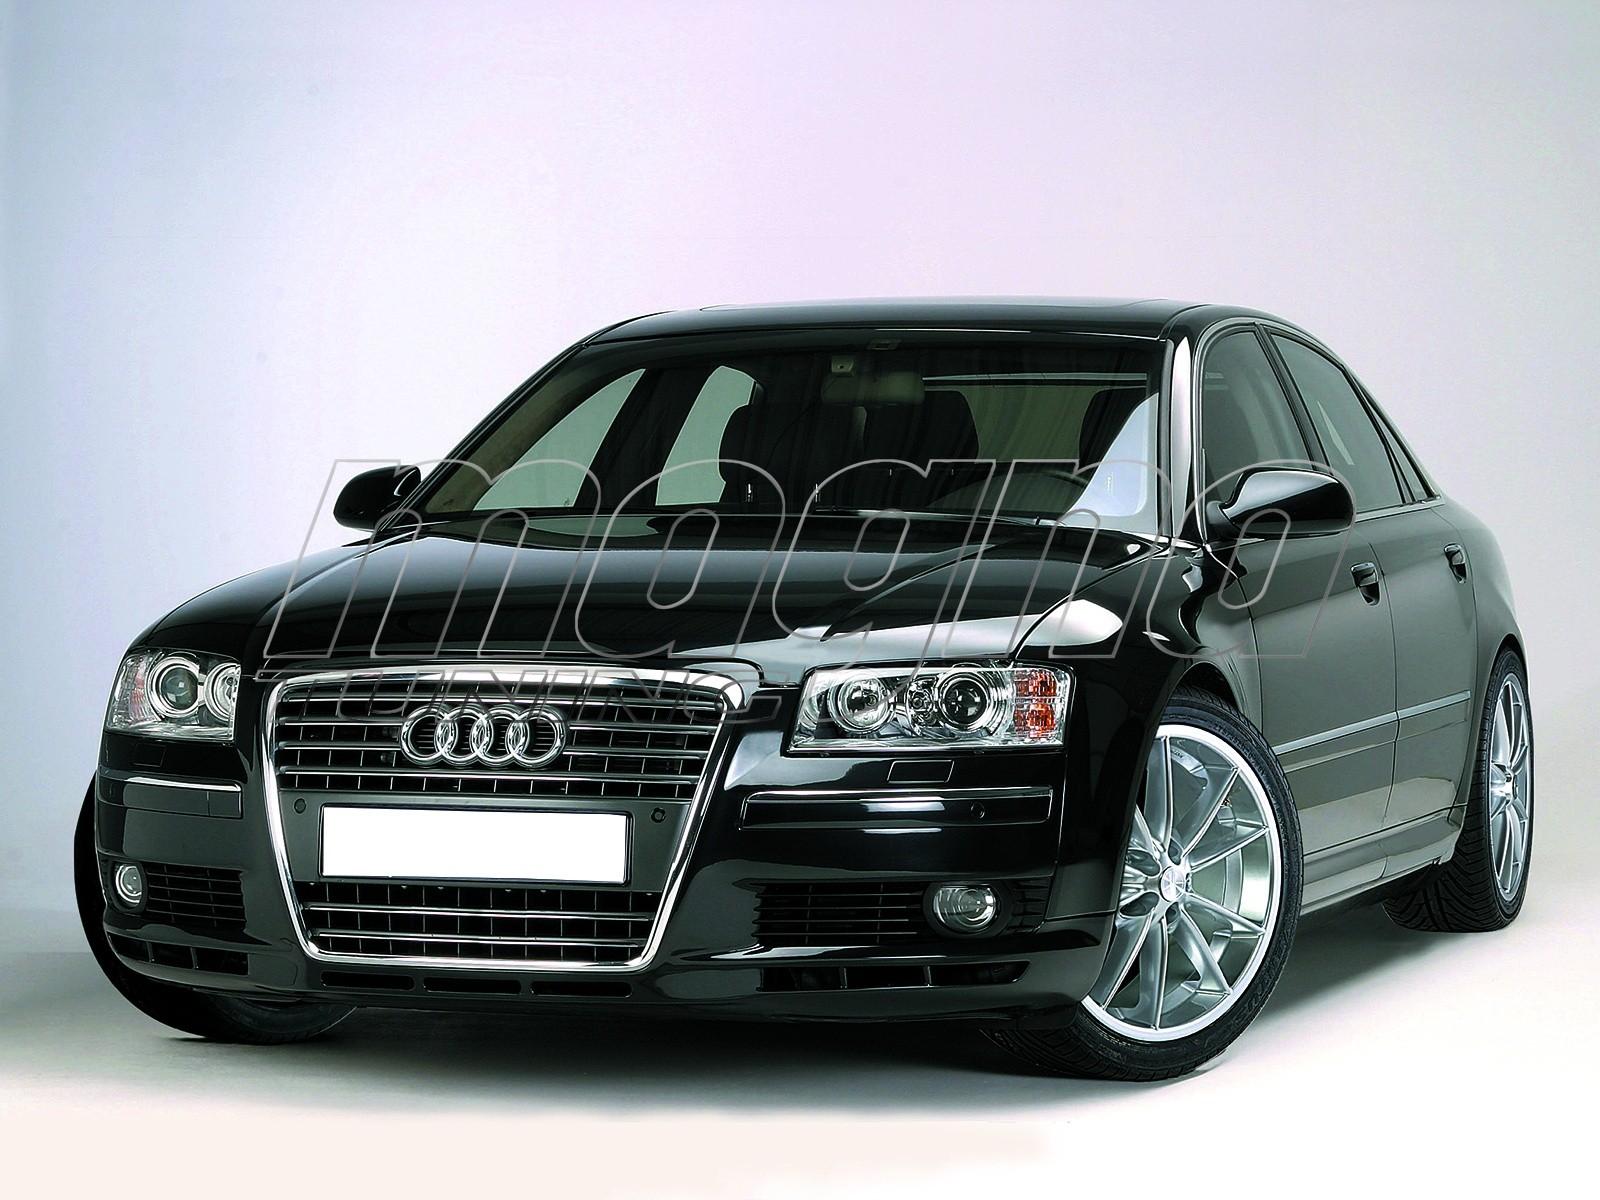 Audi A8 4E Vor-Facelift Exclusive Body Kit